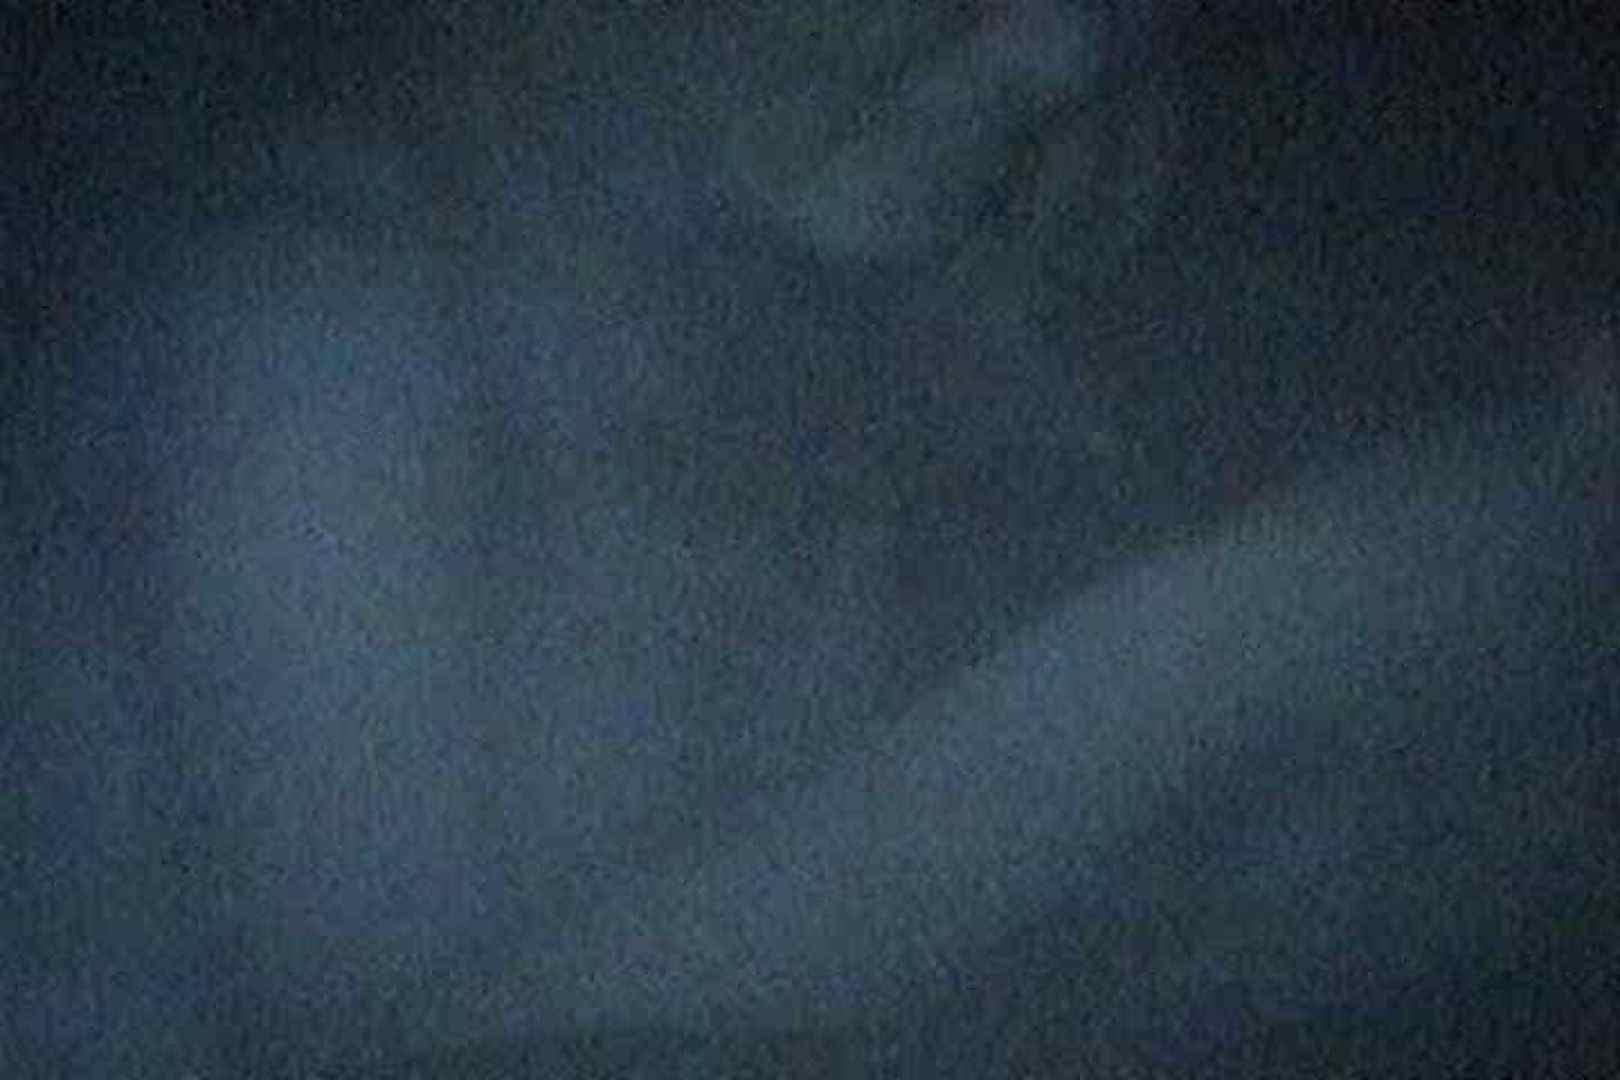 充血監督の深夜の運動会Vol.146 OLヌード天国 | ハプニング  94PIX 76